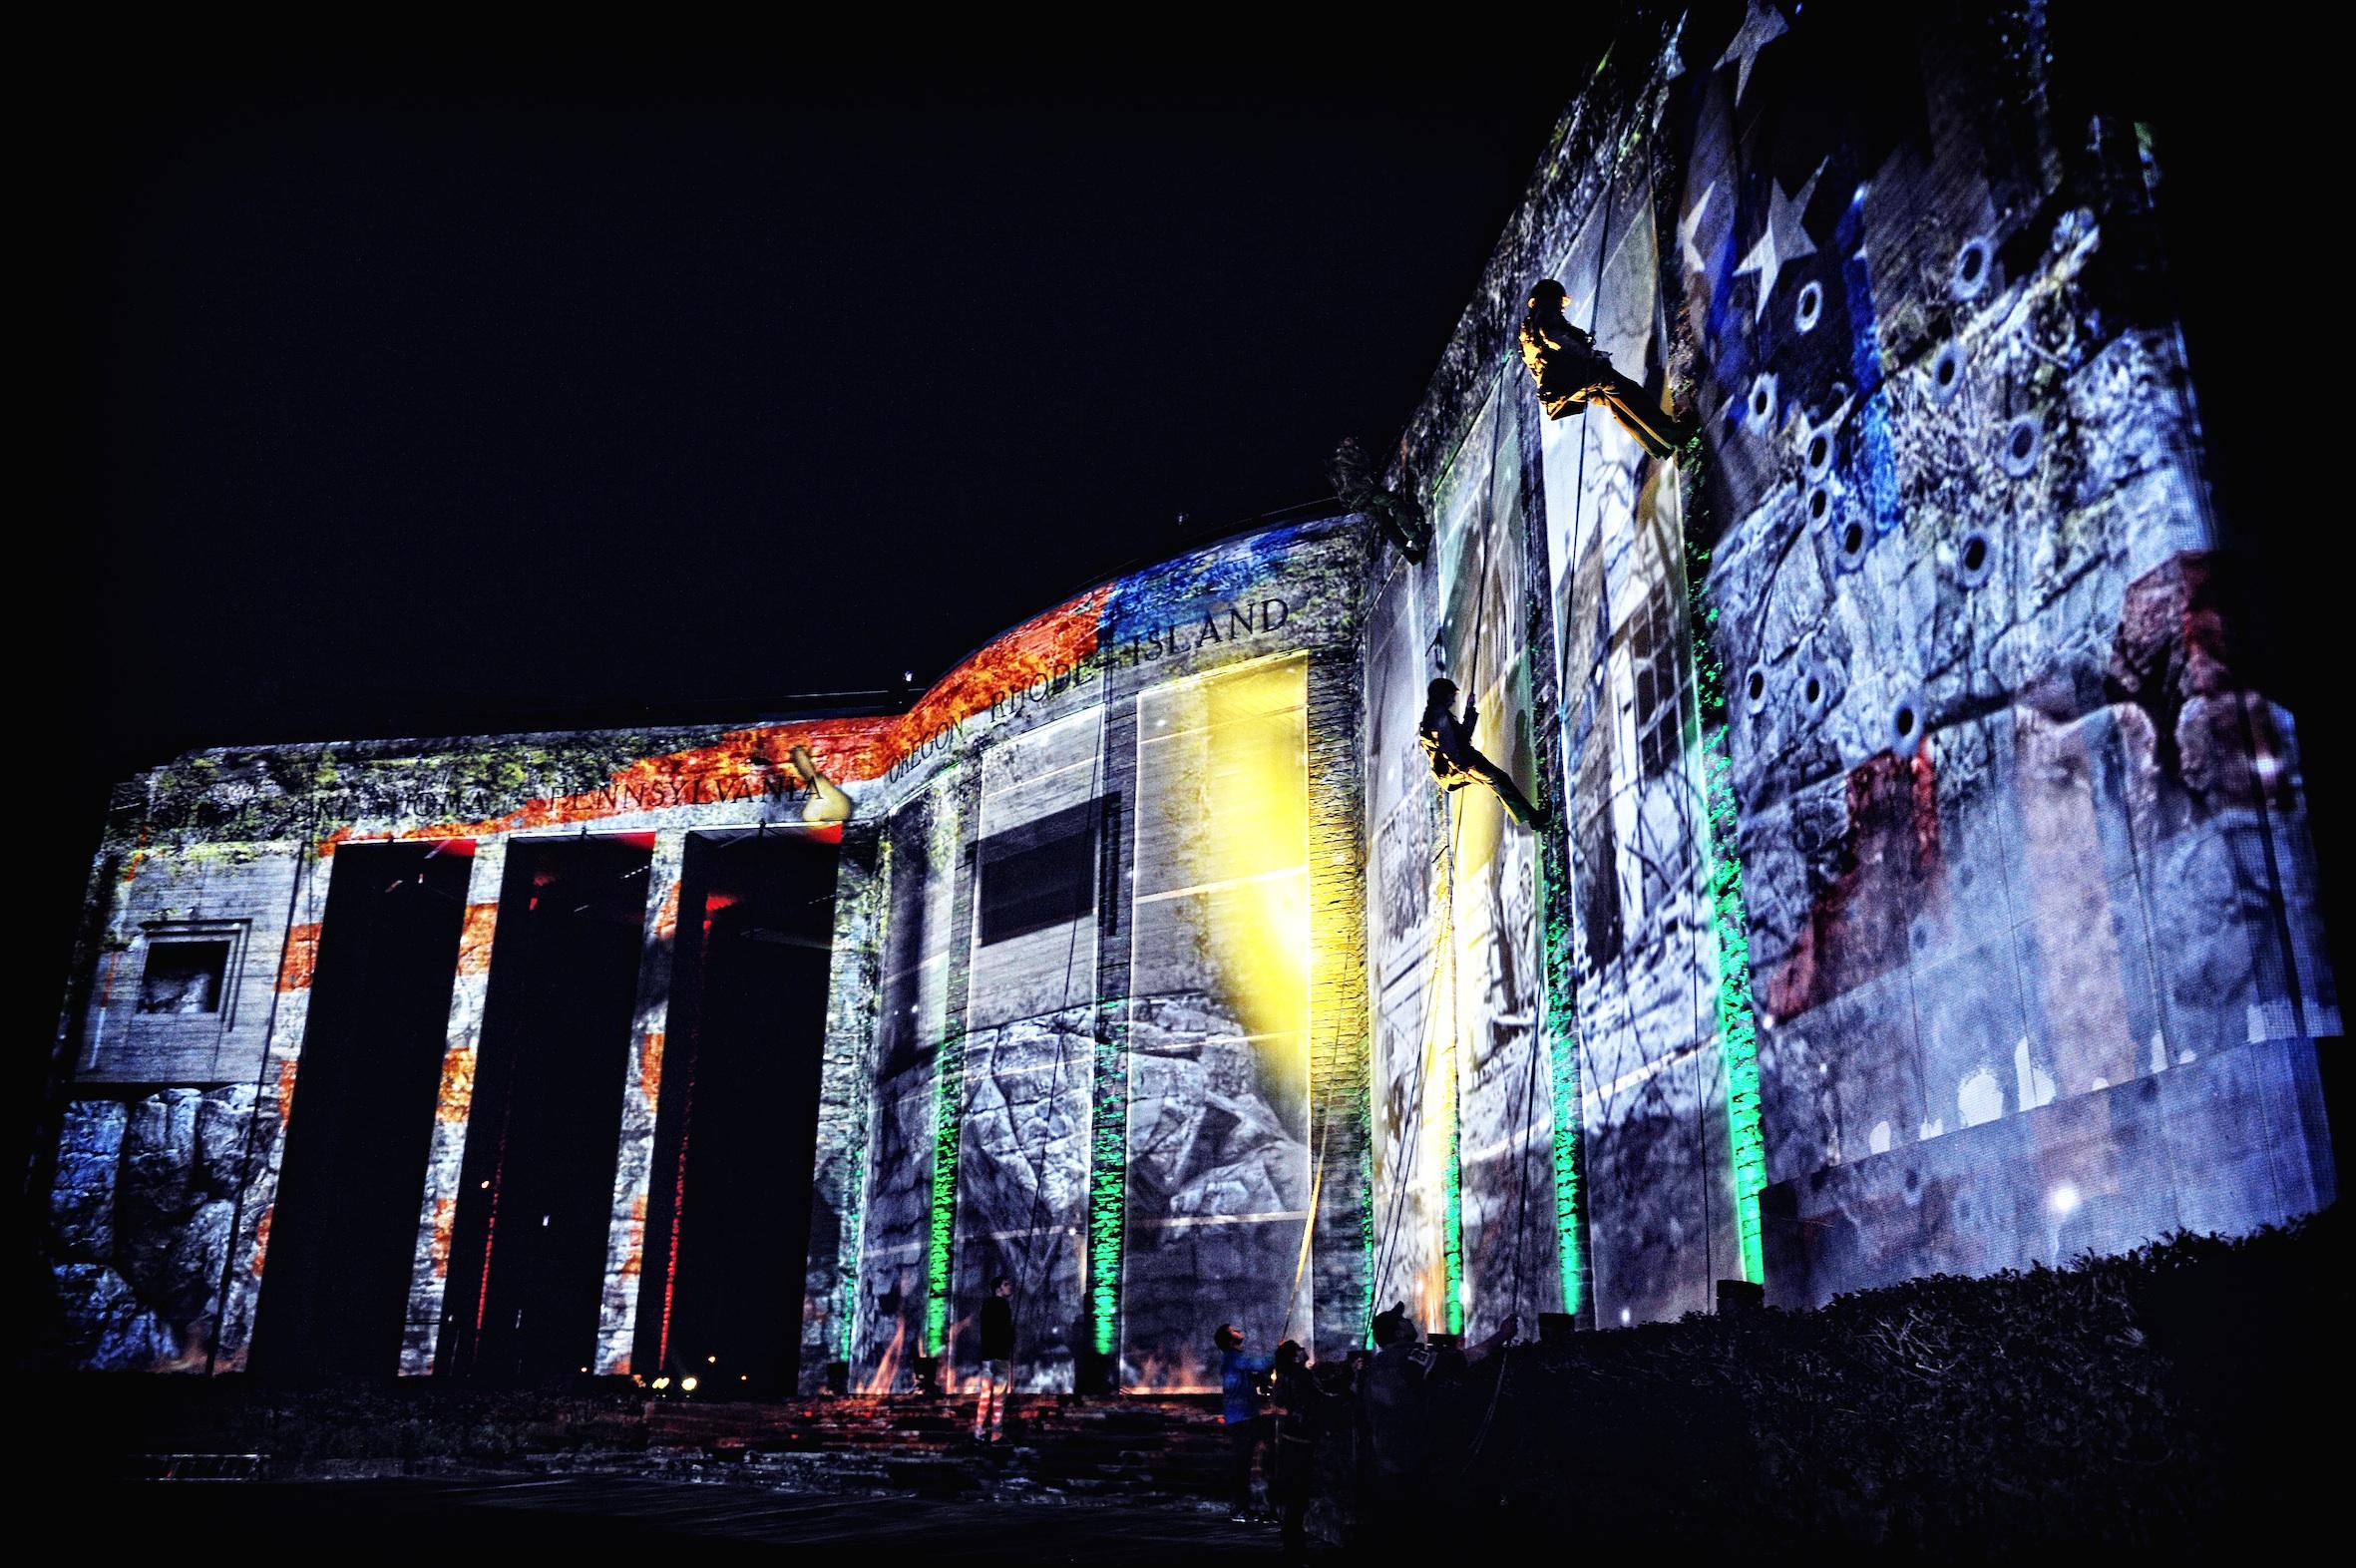 Lichtspektakel rondom Mardasson monument